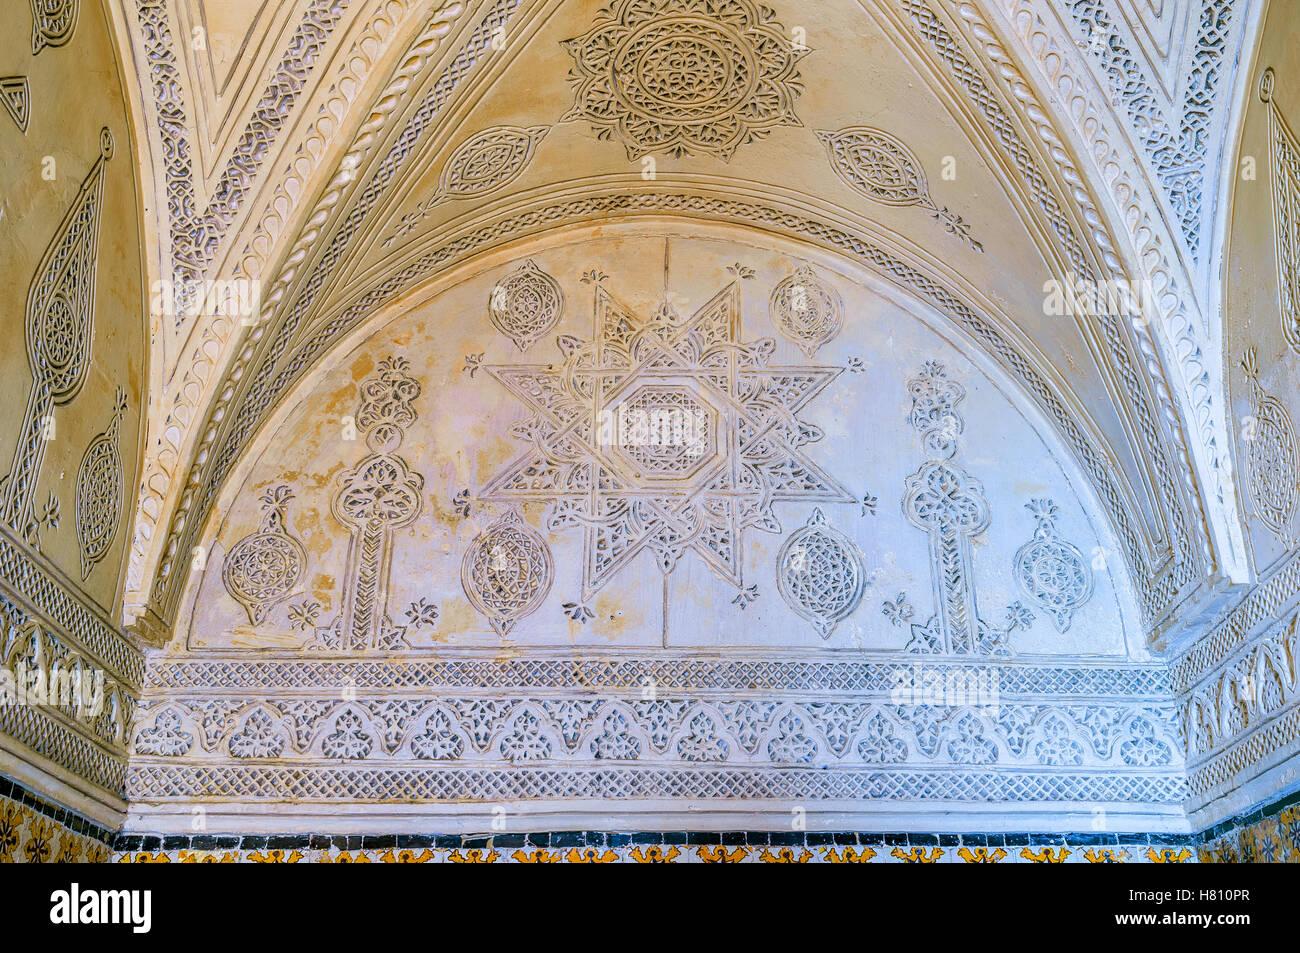 La vieja mansión decorado en estilo andaluz con los patrones islámicos tallados en las paredes y techo, Imagen De Stock